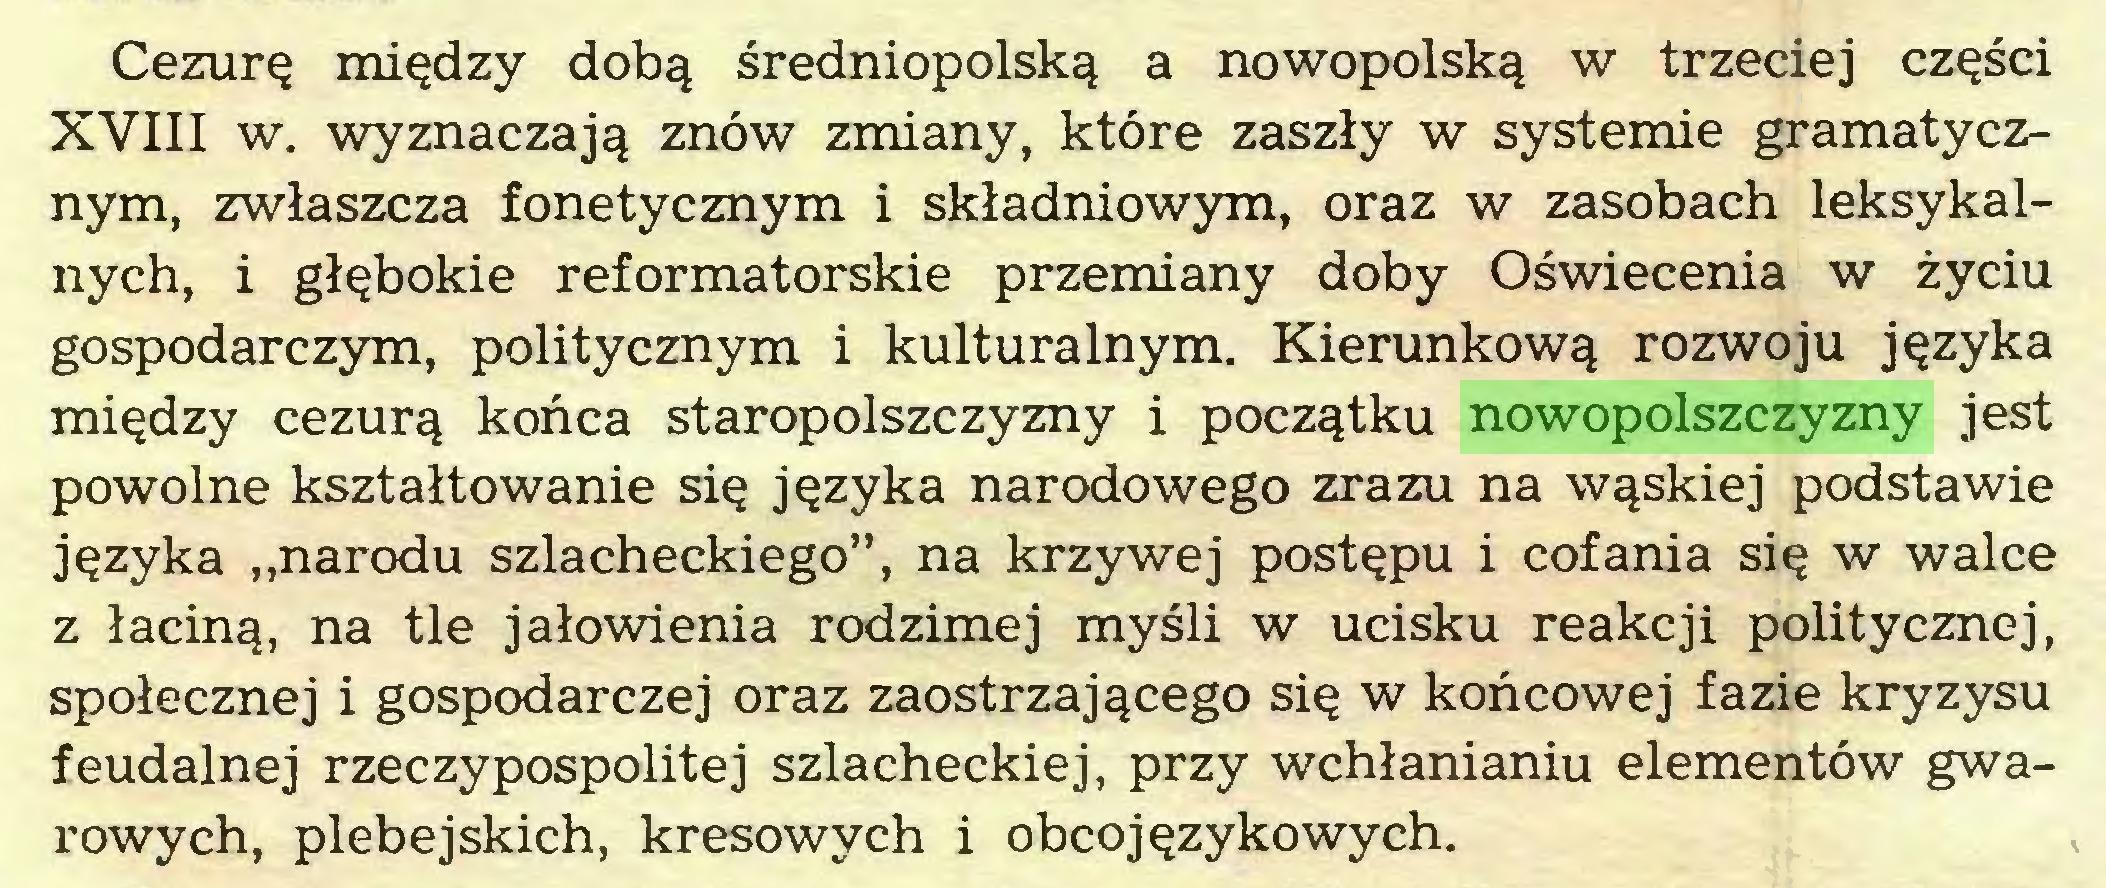 """(...) Cezurę między dobą średniopolską a nowopolską w trzeciej części XVIII w. wyznaczają znów zmiany, które zaszły w systemie gramatycznym, zwłaszcza fonetycznym i składniowym, oraz w zasobach leksykalnych, i głębokie reformatorskie przemiany doby Oświecenia w życiu gospodarczym, politycznym i kulturalnym. Kierunkową rozwoju języka między cezurą końca staropolszczyzny i początku nowopolszczyzny jest powolne kształtowanie się języka narodowego zrazu na wąskiej podstawie języka """"narodu szlacheckiego"""", na krzywej postępu i cofania się w walce z łaciną, na tle jałowienia rodzimej myśli w ucisku reakcji politycznej, społecznej i gospodarczej oraz zaostrzającego się w końcowej fazie kryzysu feudalnej rzeczypospolitej szlacheckiej, przy wchłanianiu elementów gwarowych, plebejskich, kresowych i obco językowych..."""